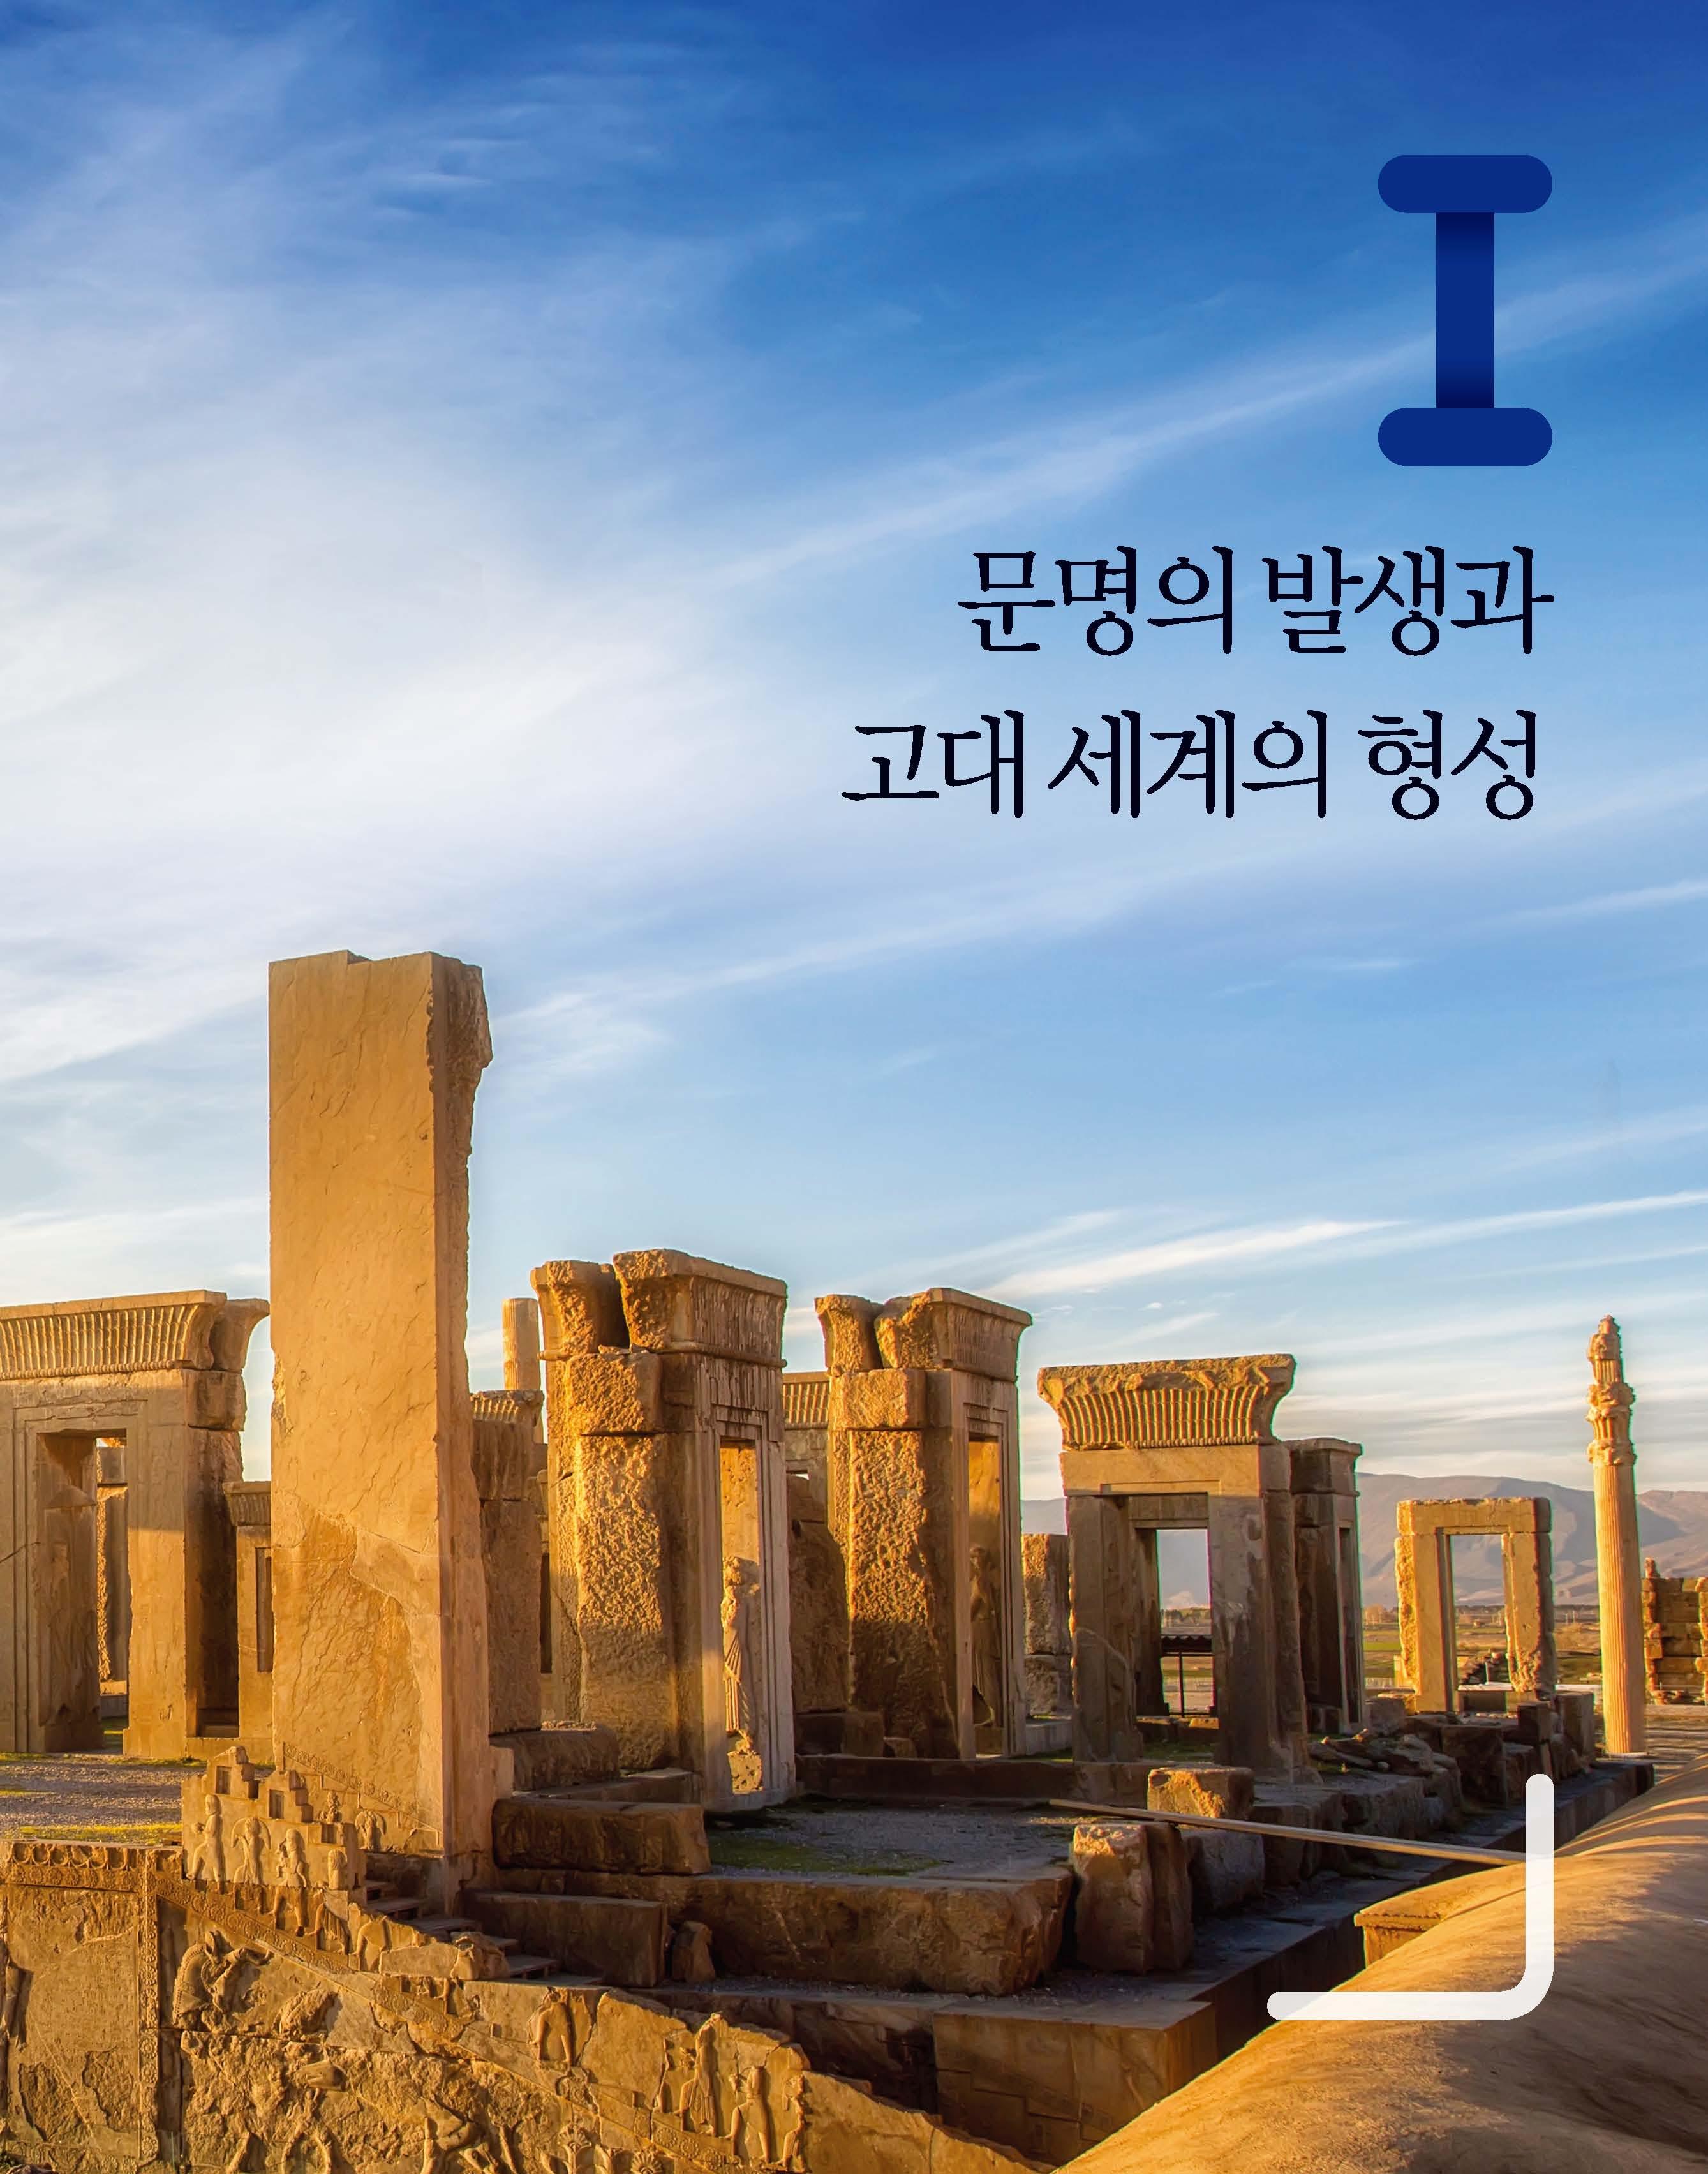 1.문명의 발생과 고대 세계의 형성 제목 이미지